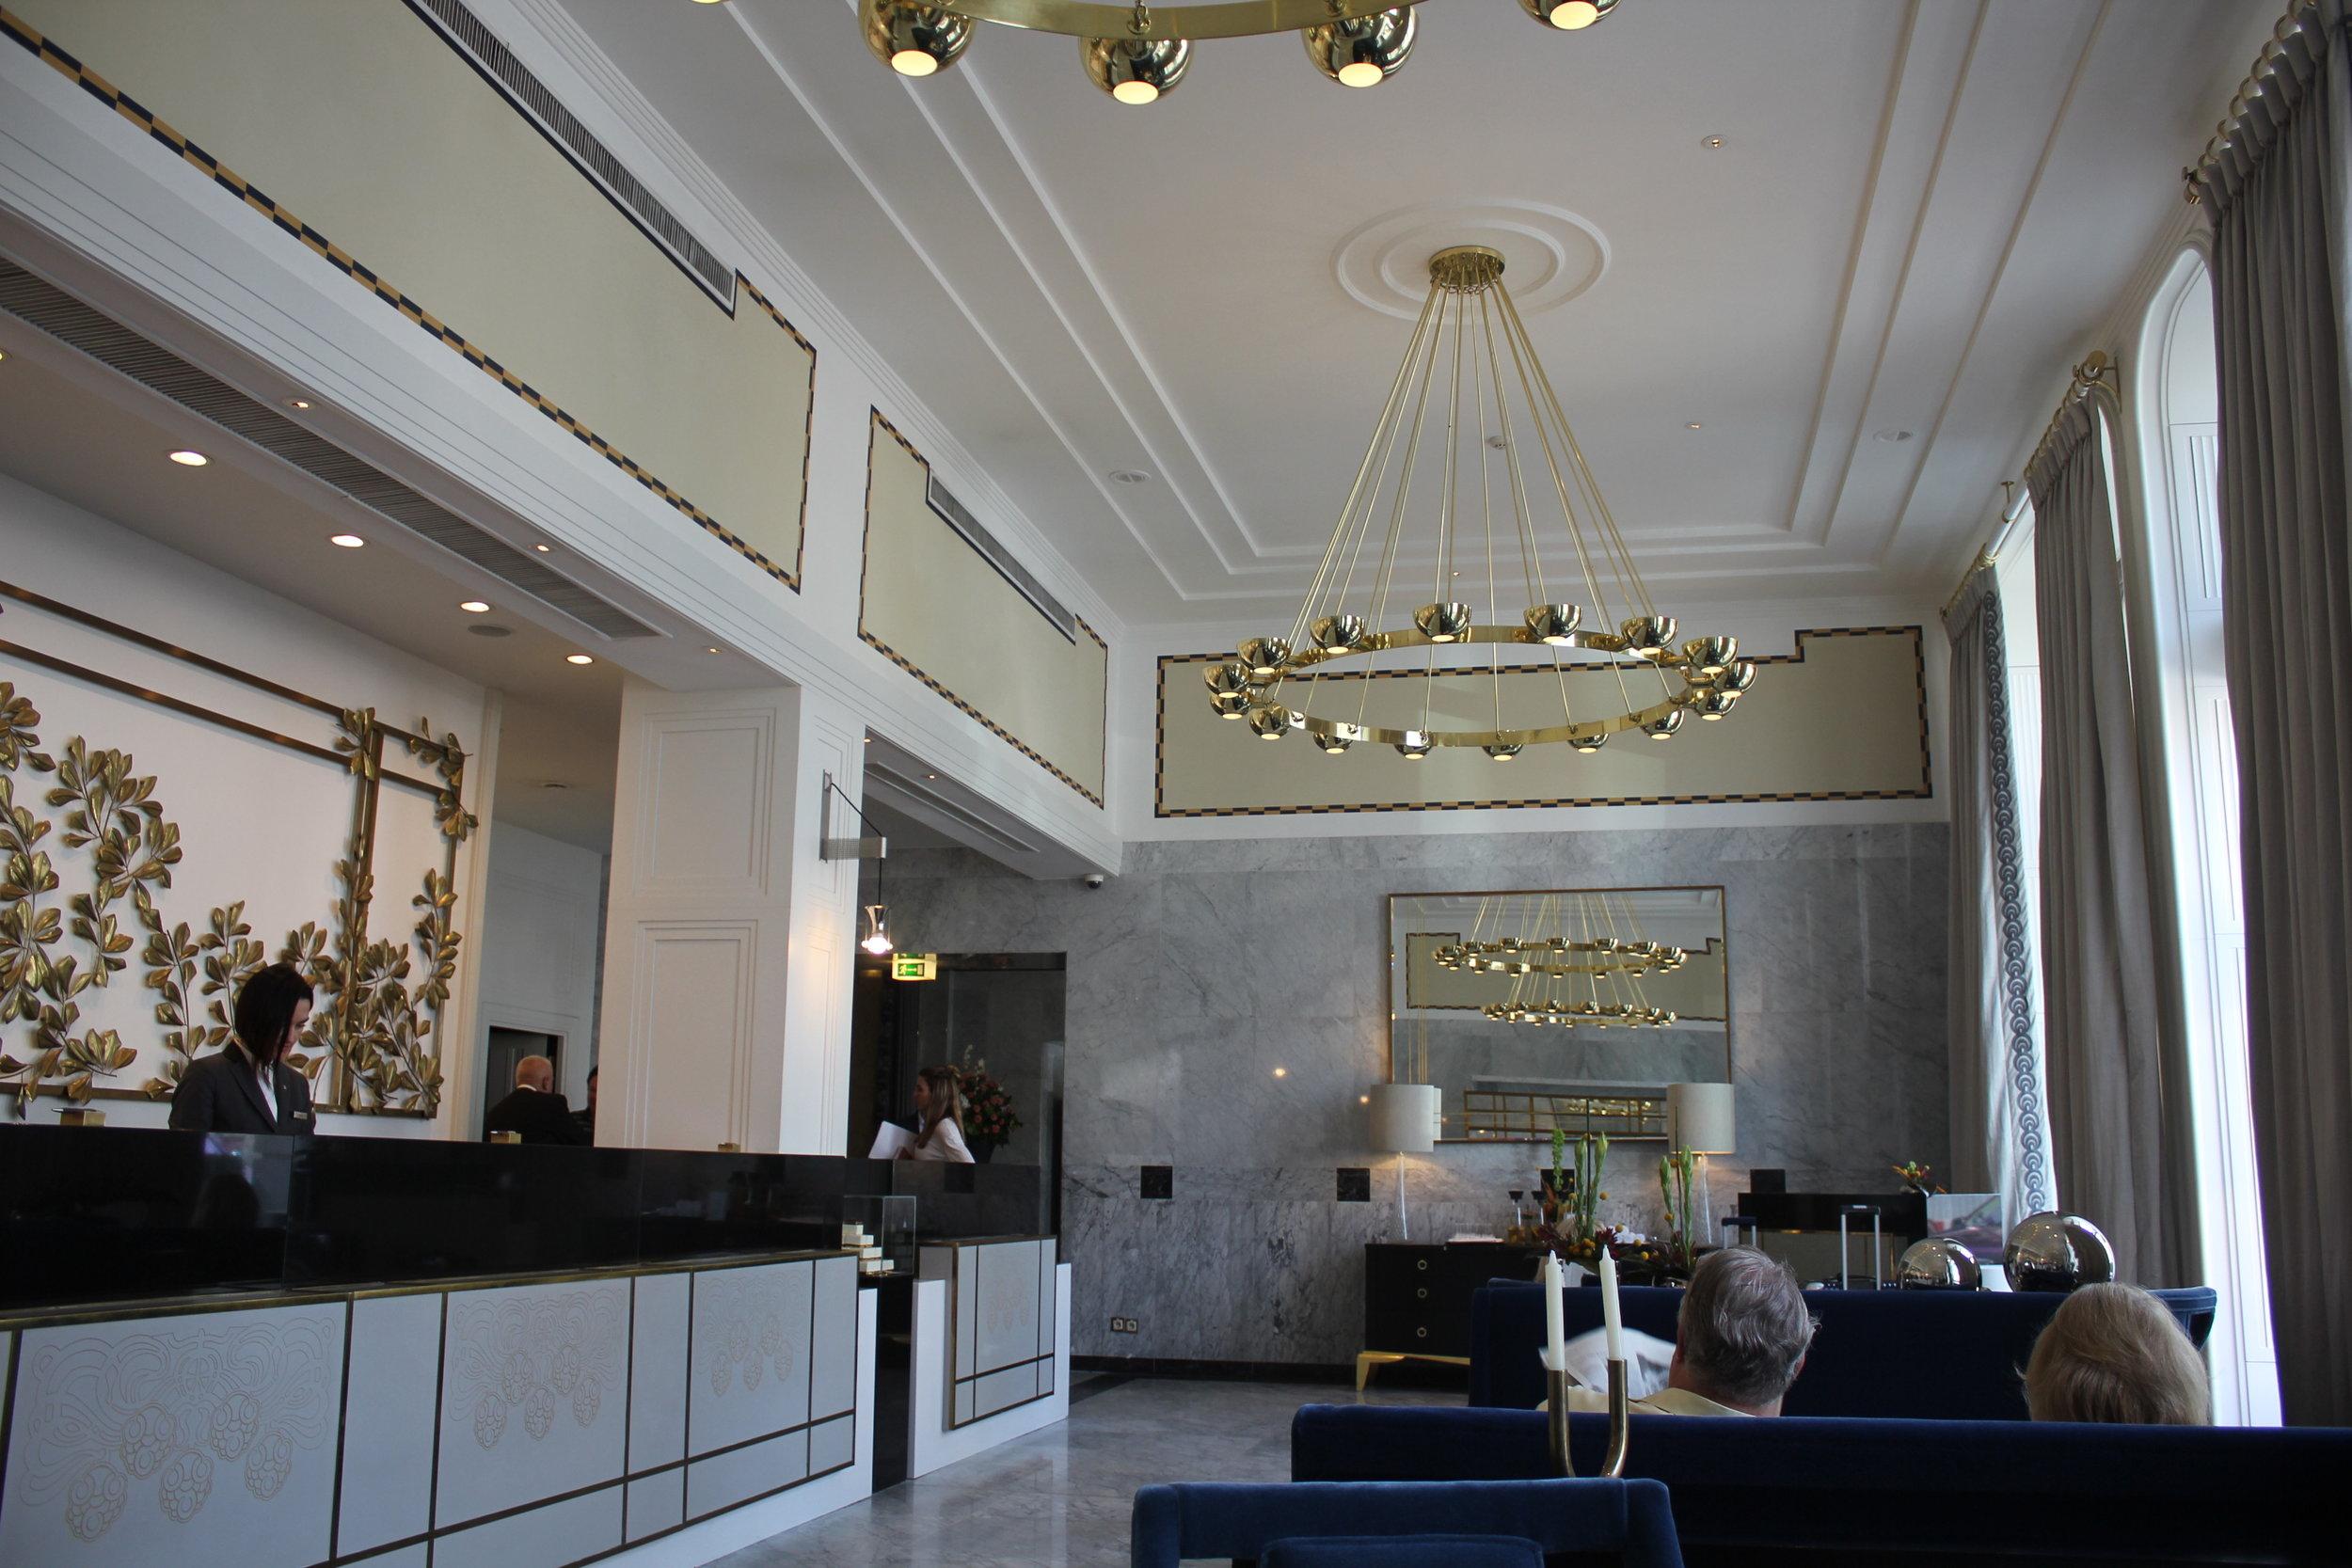 Hotel Bristol Warsaw – Check-in area